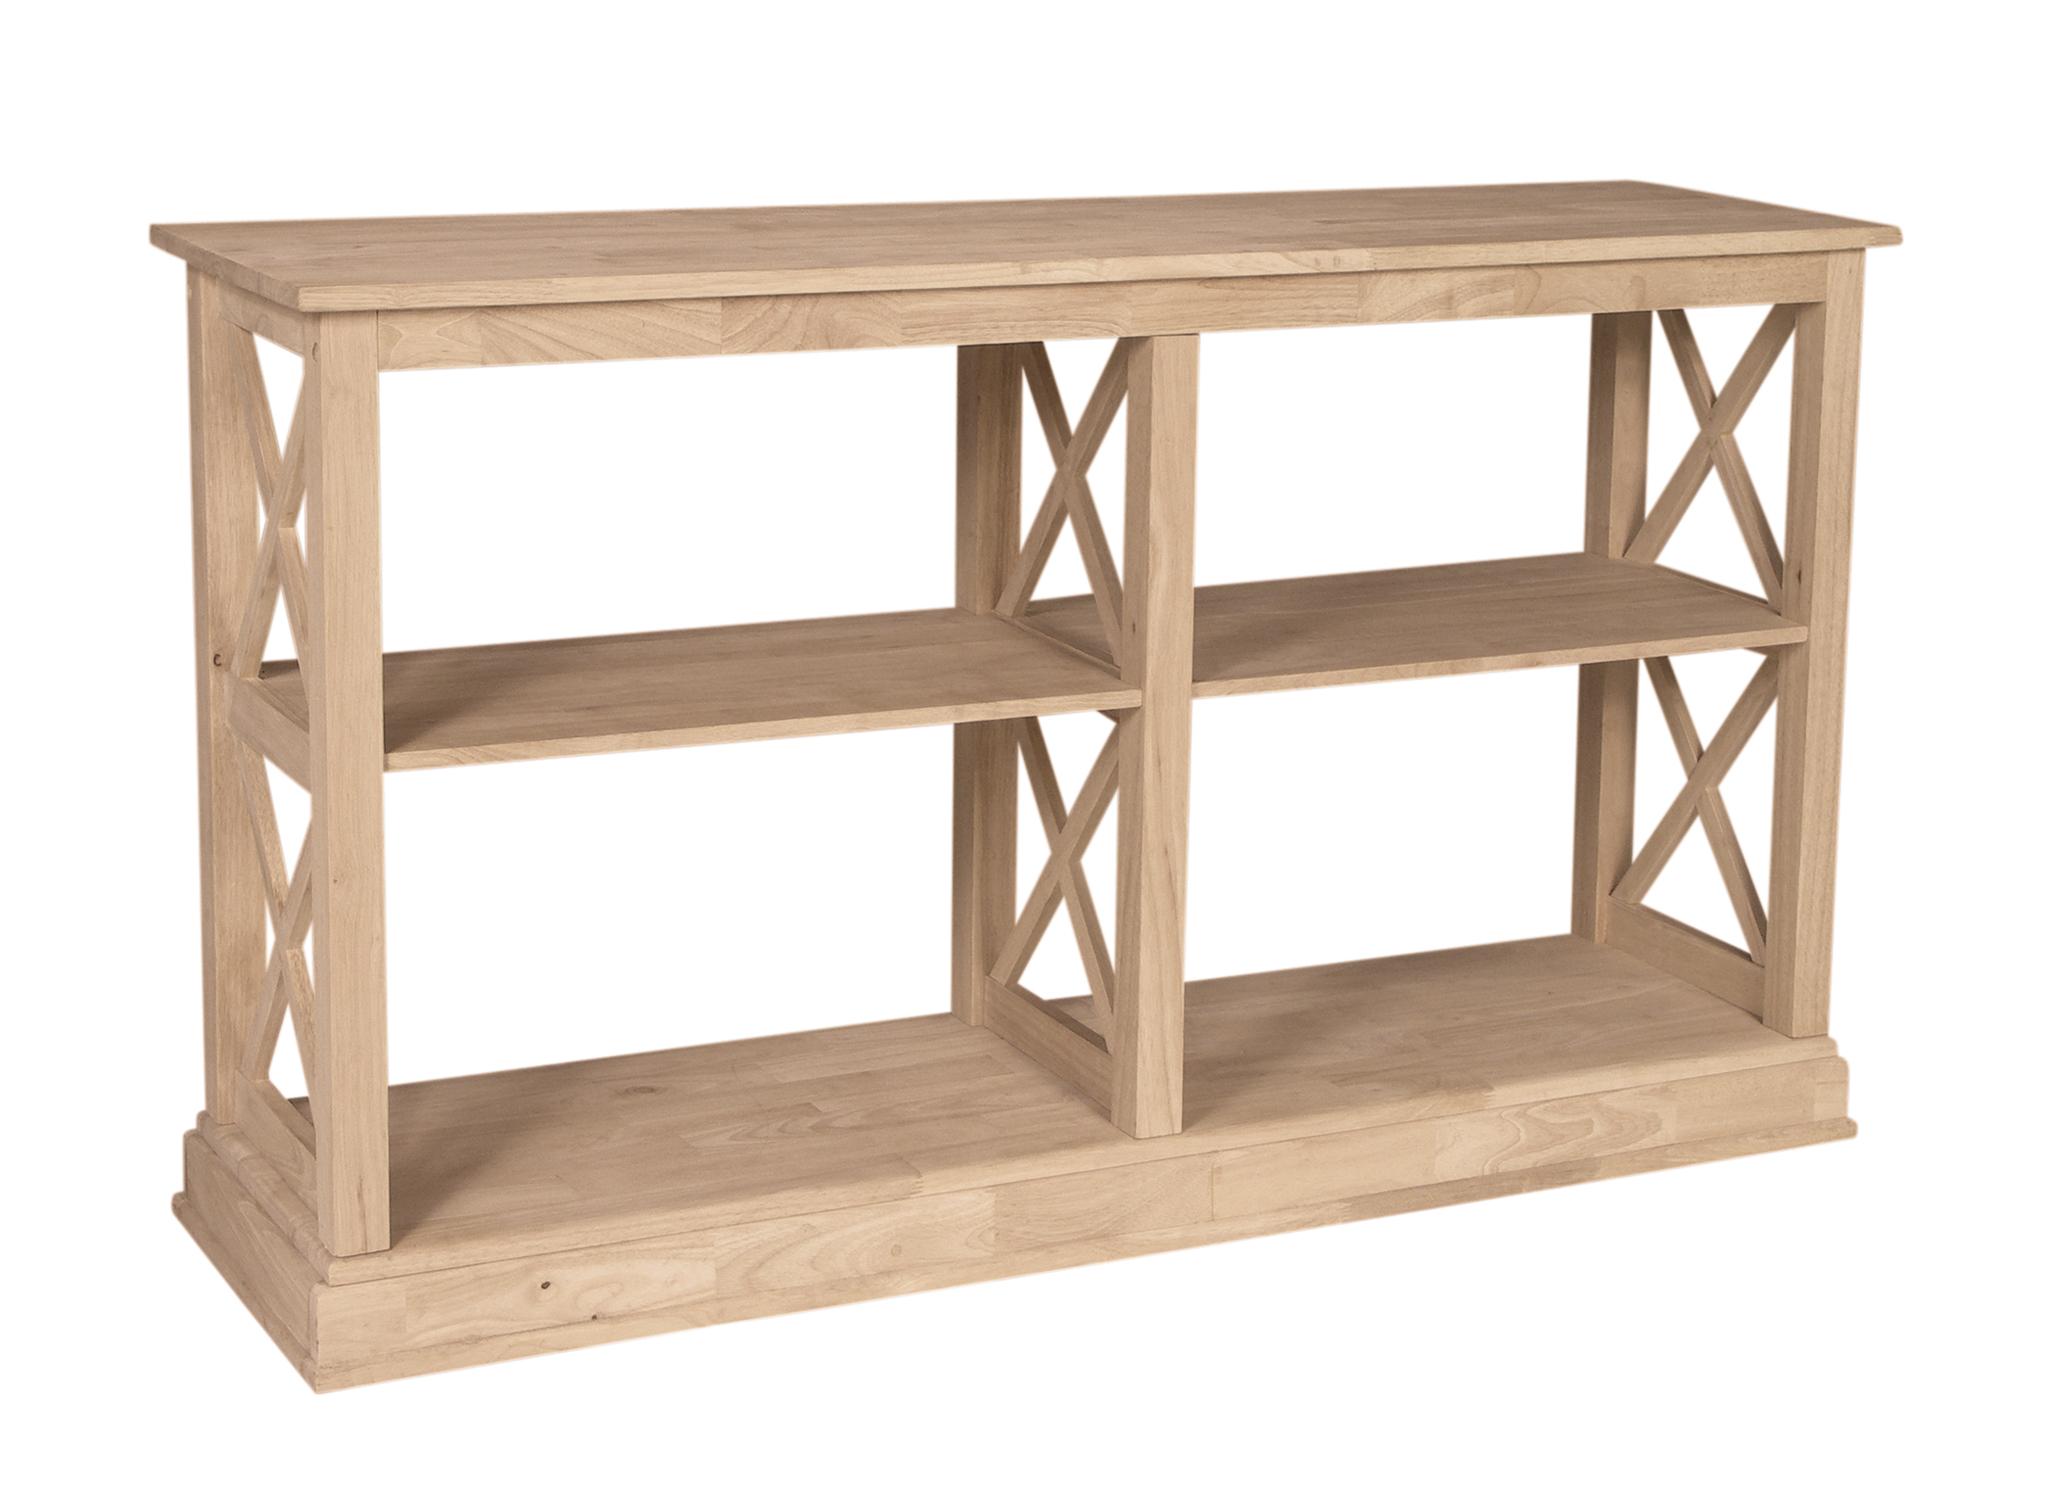 Furniture Store Wood bookcase - Bedroom Furniture | Nashville, TN